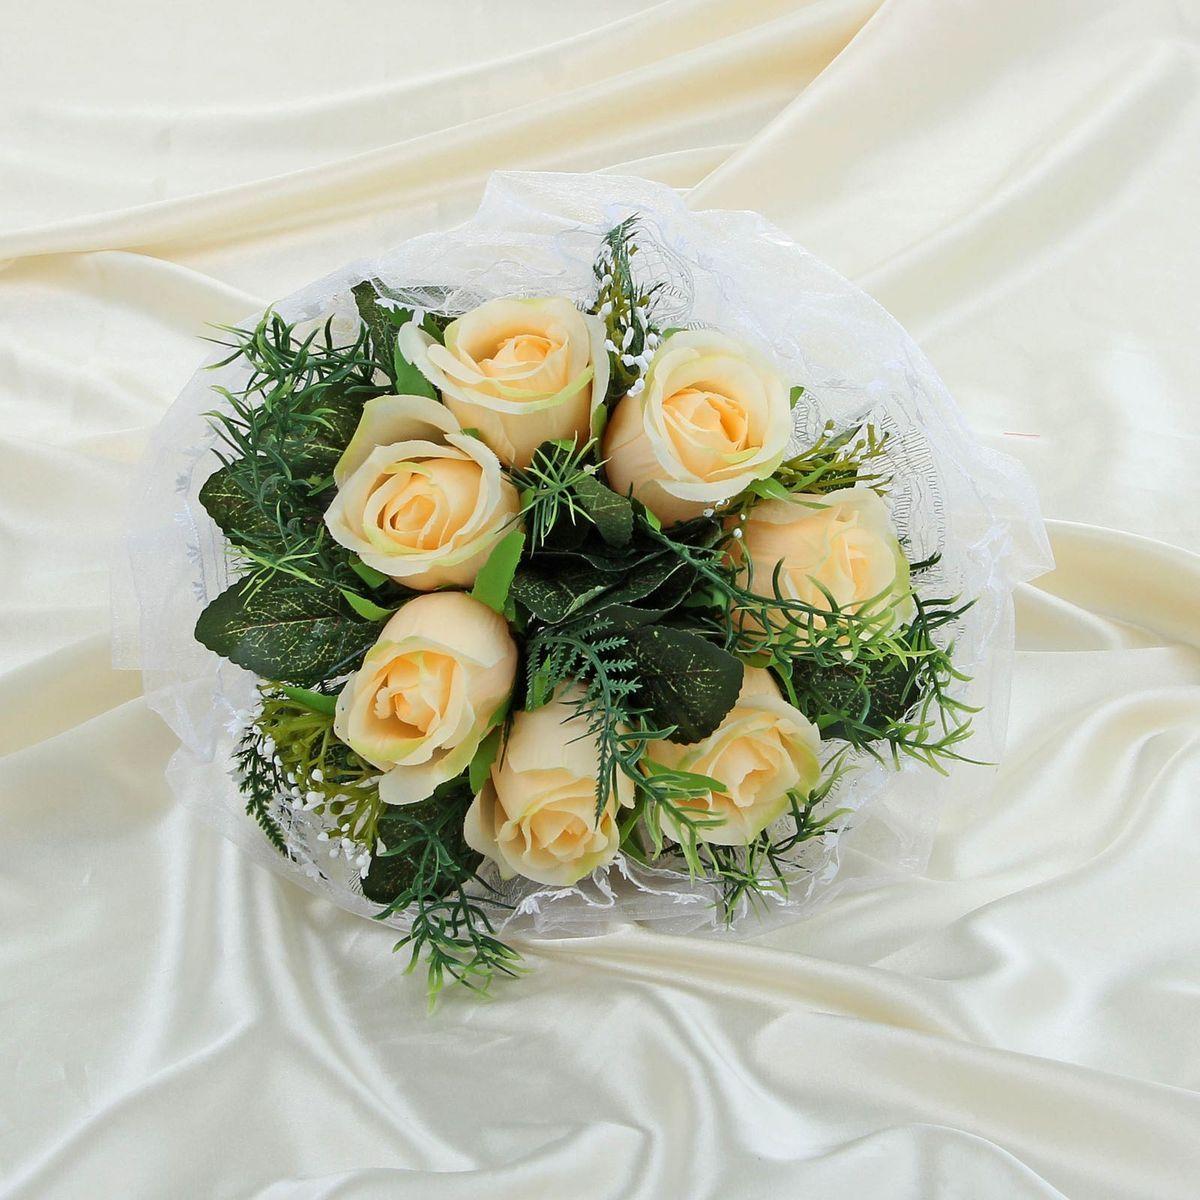 Sima-land Букет-дублер с розами с органзой, цвет: бежевый. 11203231120323Современные невесты используют букеты из искусственных материалов, потому что они легче, дешевле и не рассыпаются в полете. Ведь для многих незамужних подружек поймать букет на свадьбе — шанс осуществления заветной мечты. Кроме свадебной тематики изделие используют для фотосессий, так как оно не утрачивает праздничный вид даже в непогоду, и как элемент украшения интерьера. Многие рестораны и отели на выставках и праздниках предпочитают использовать украшения из неувядающих цветов. Оригинальный букет будет в центре внимания на торжественном событии и оставит самые яркие впечатления.